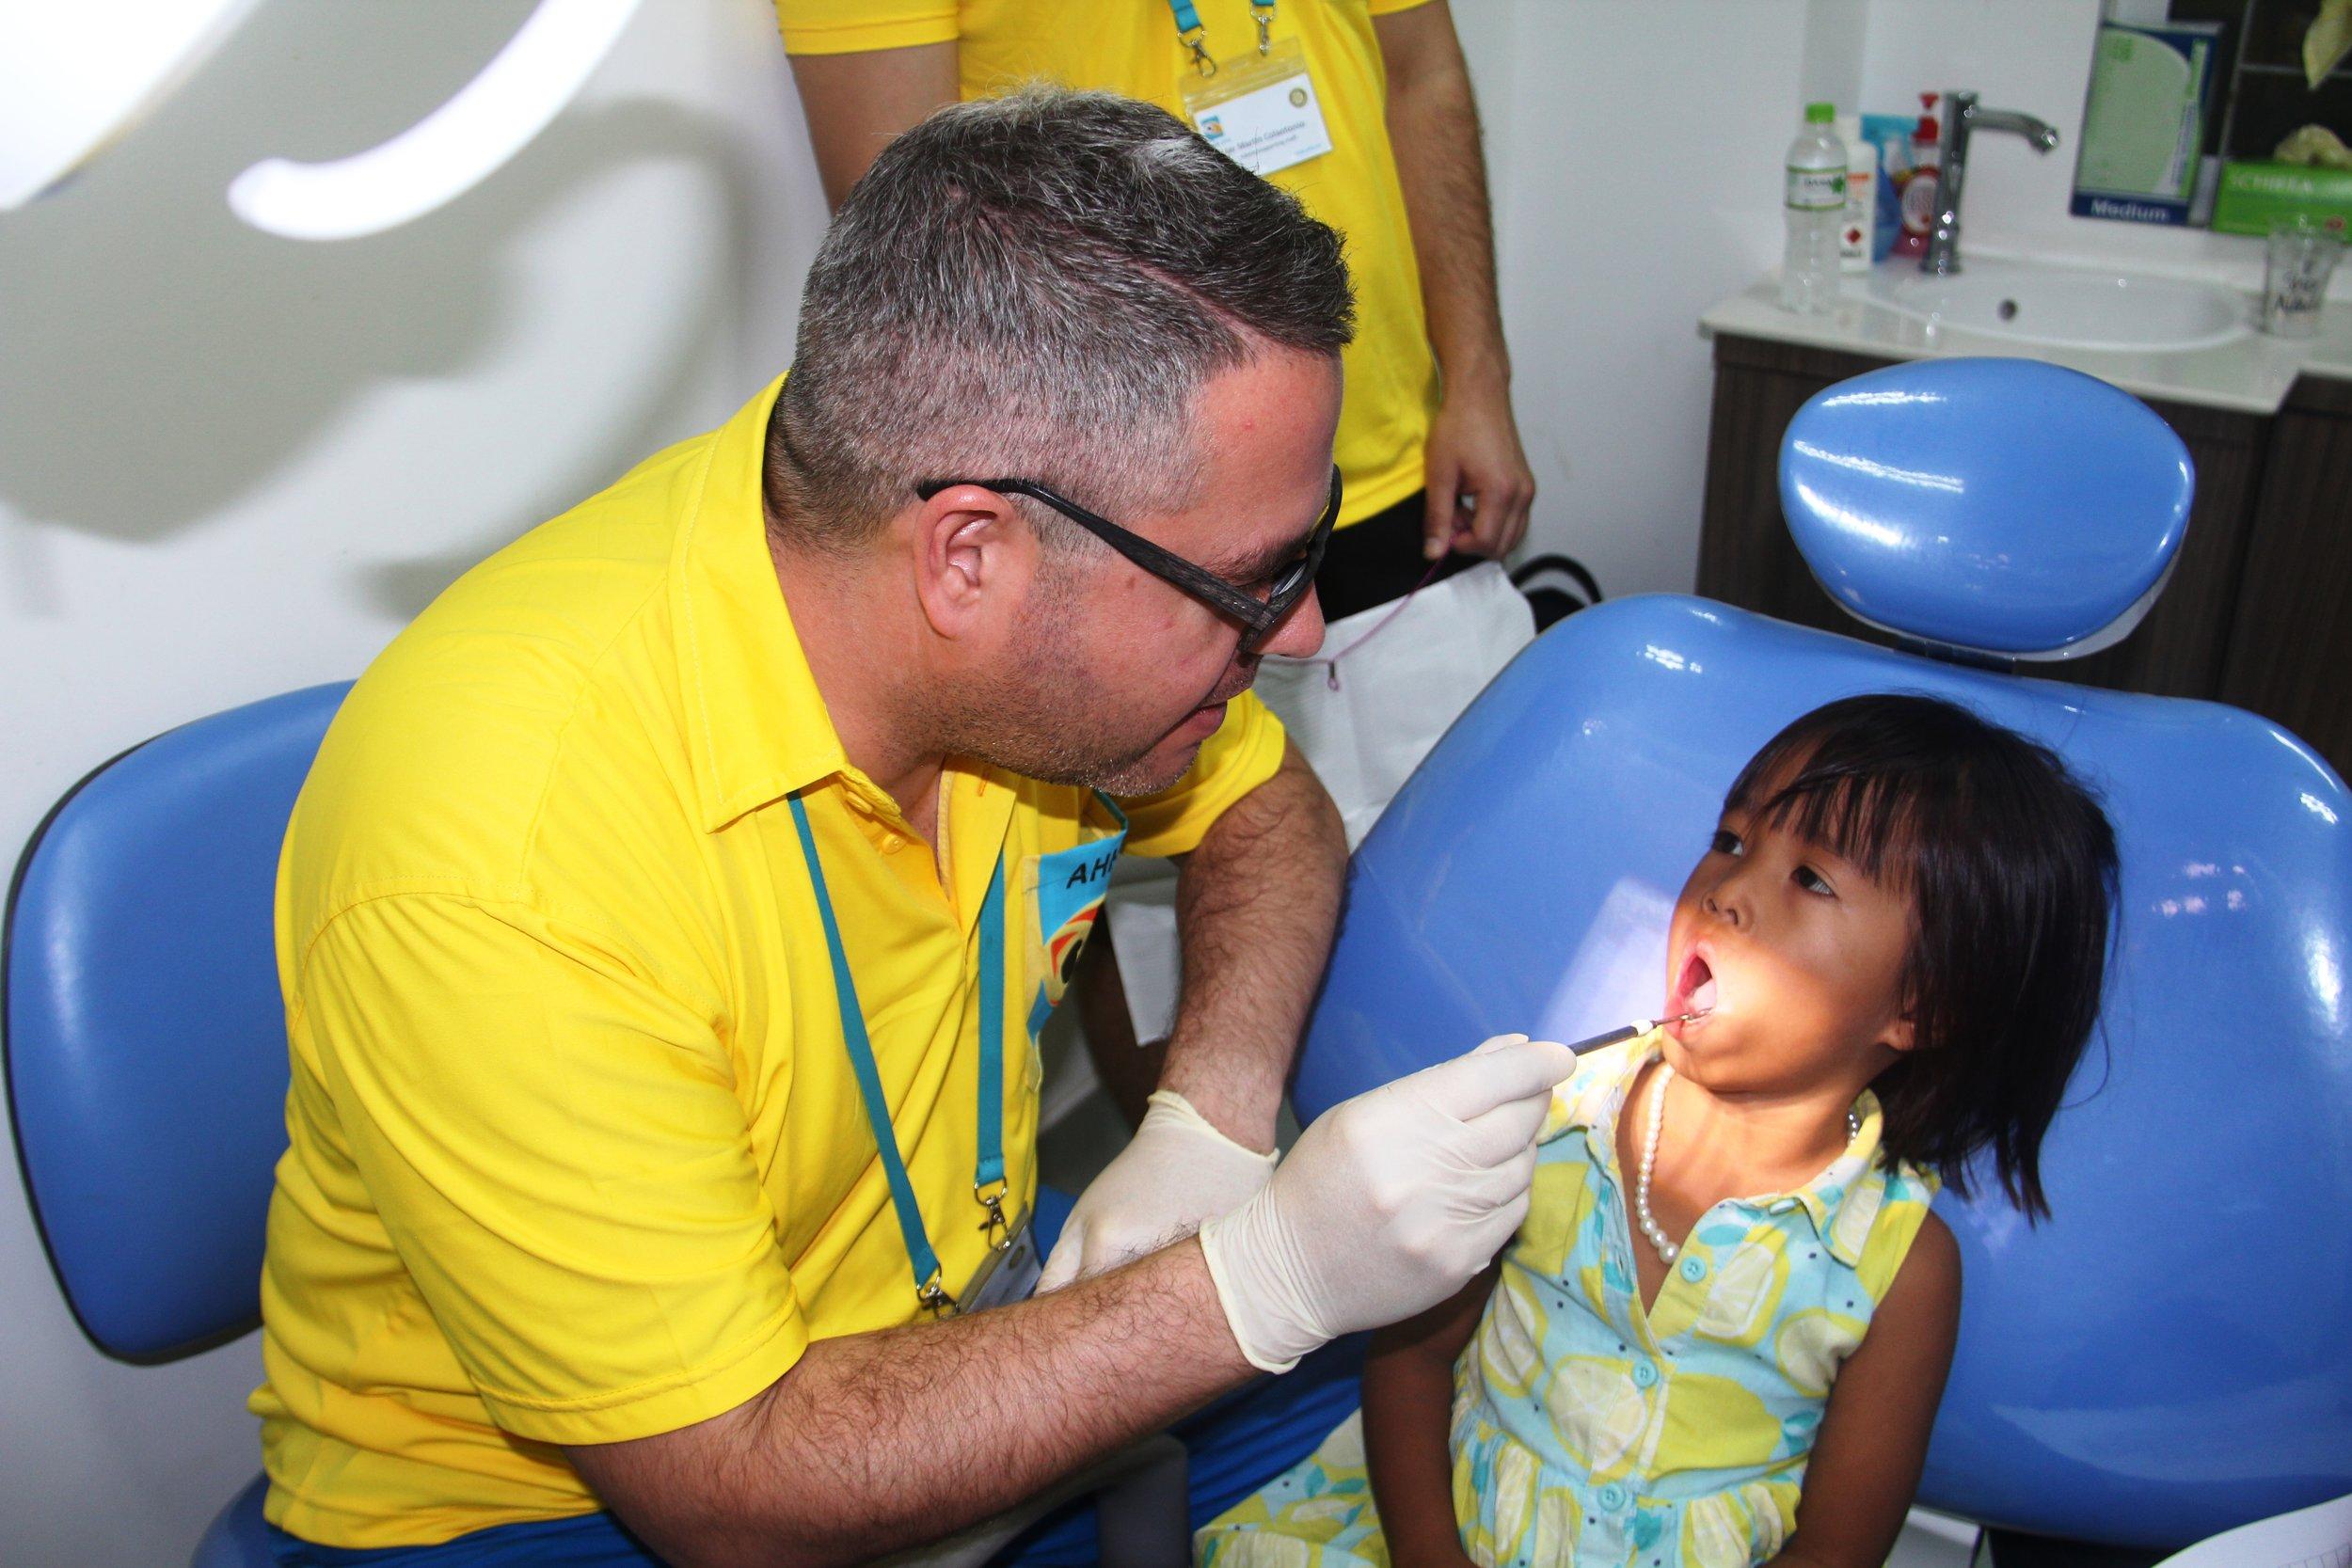 A young patient receiving dental treament